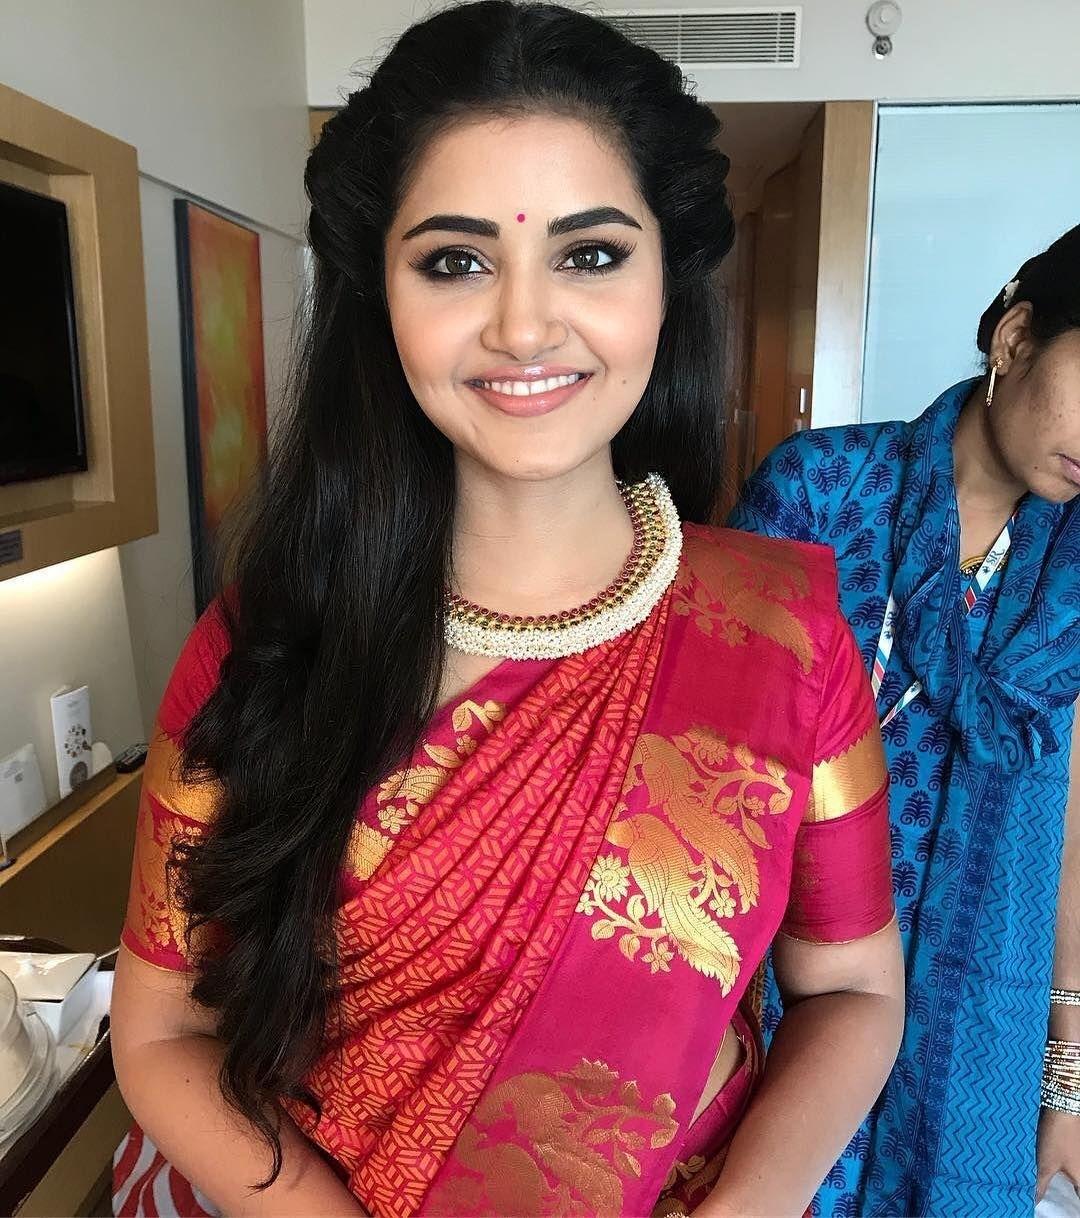 Top 10 Südindische Frisuren Für Runde Gesichter | Bilden | Indian with regard to South Indian Wedding Hairstyle For Long Face